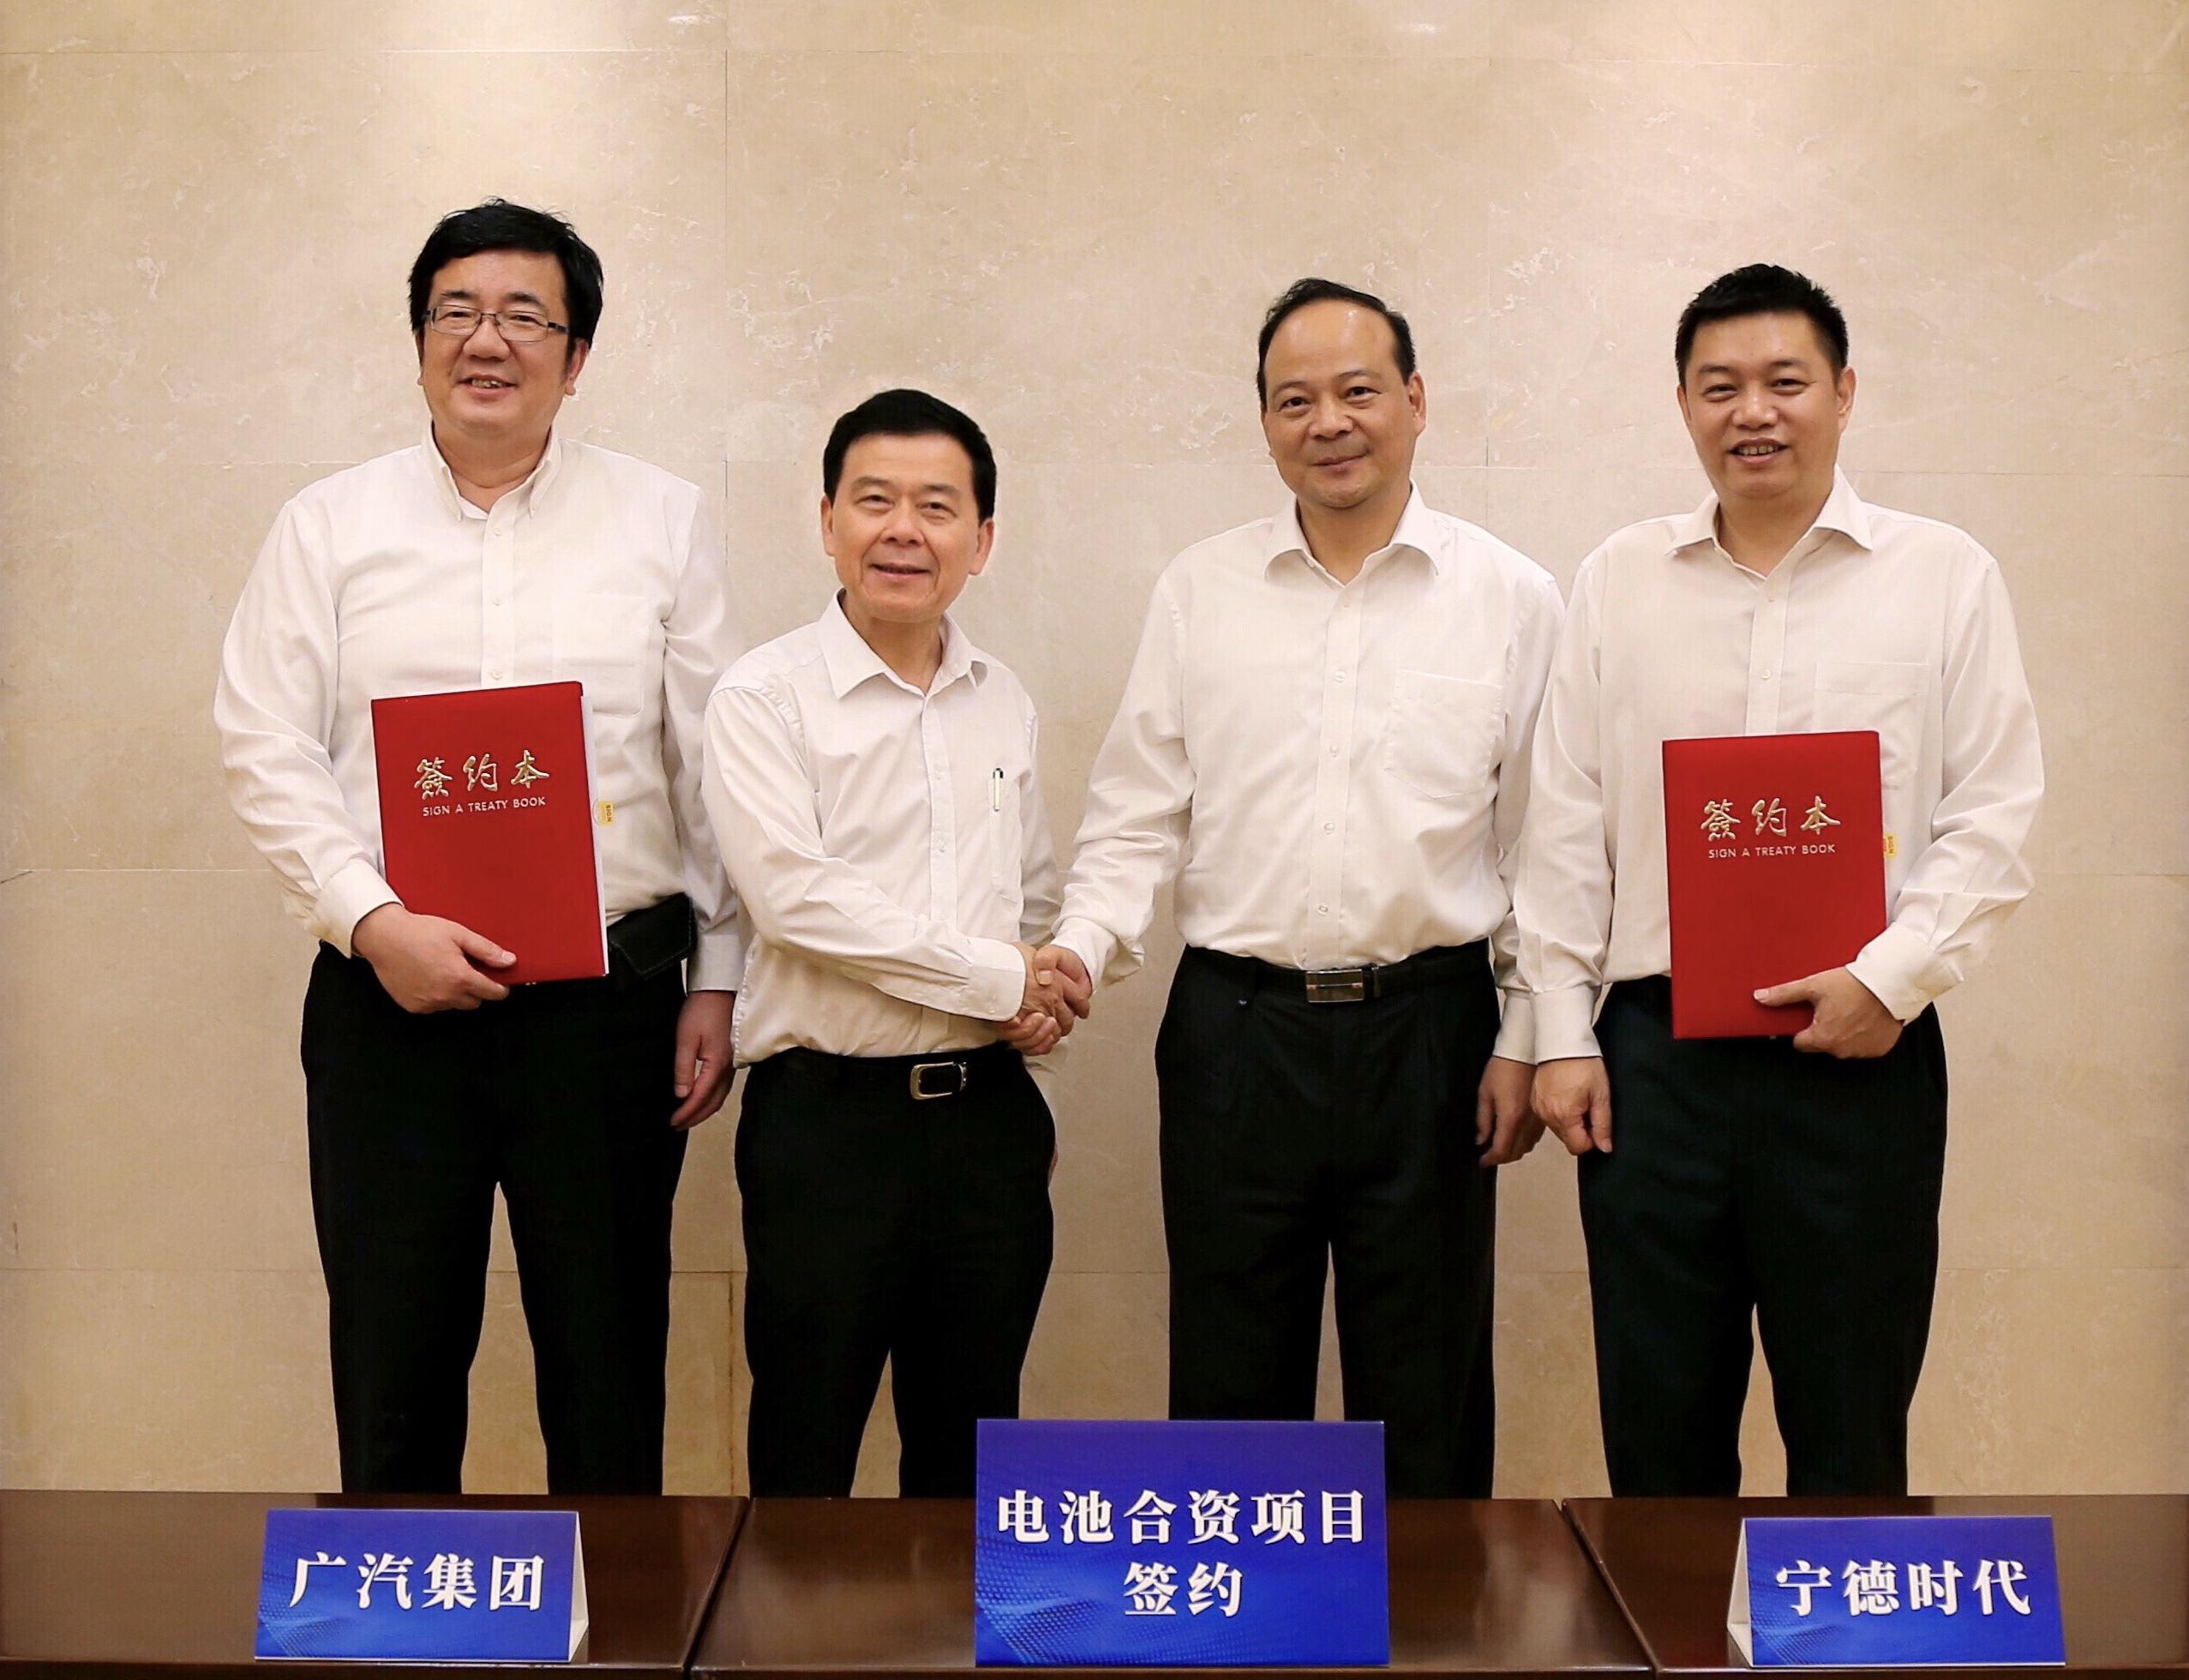 聚焦动力电池业务 广汽与宁德时代成立两家合资公司